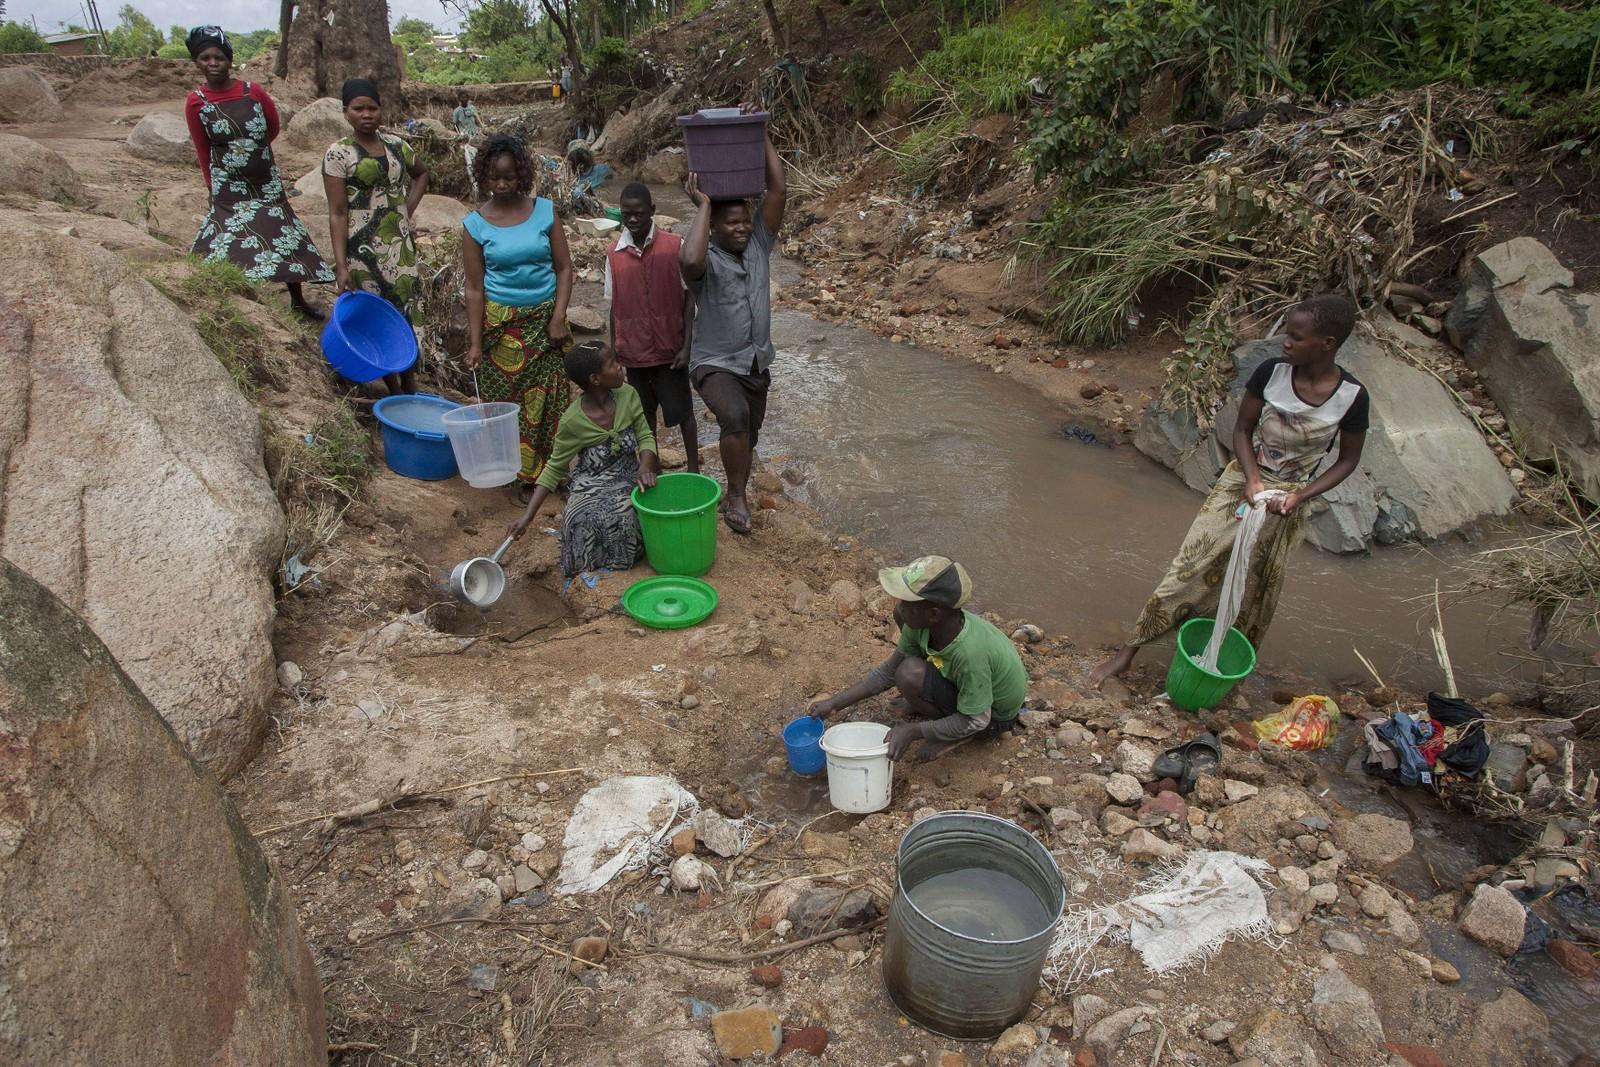 En gruppe kvinner vasker klærne sine i en elv av flomvann.